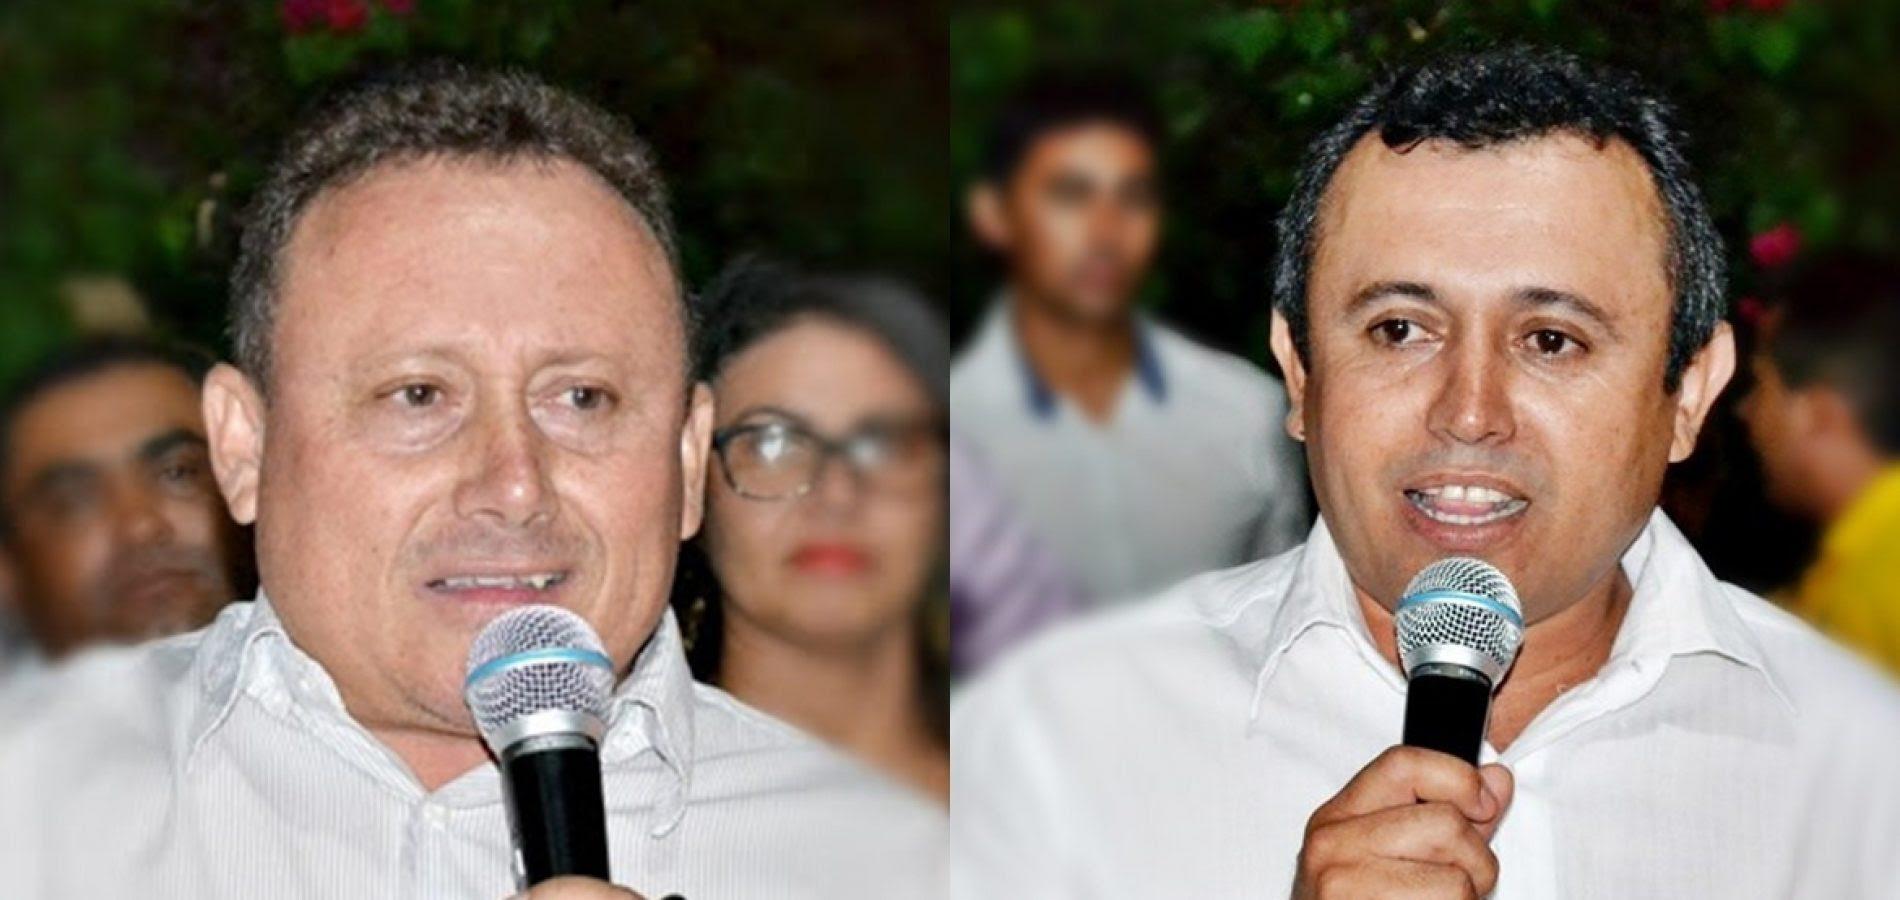 Em crise financeira, prefeito de Vila Nova do PI reduz o próprio salário, do vice e dos secretários municipais